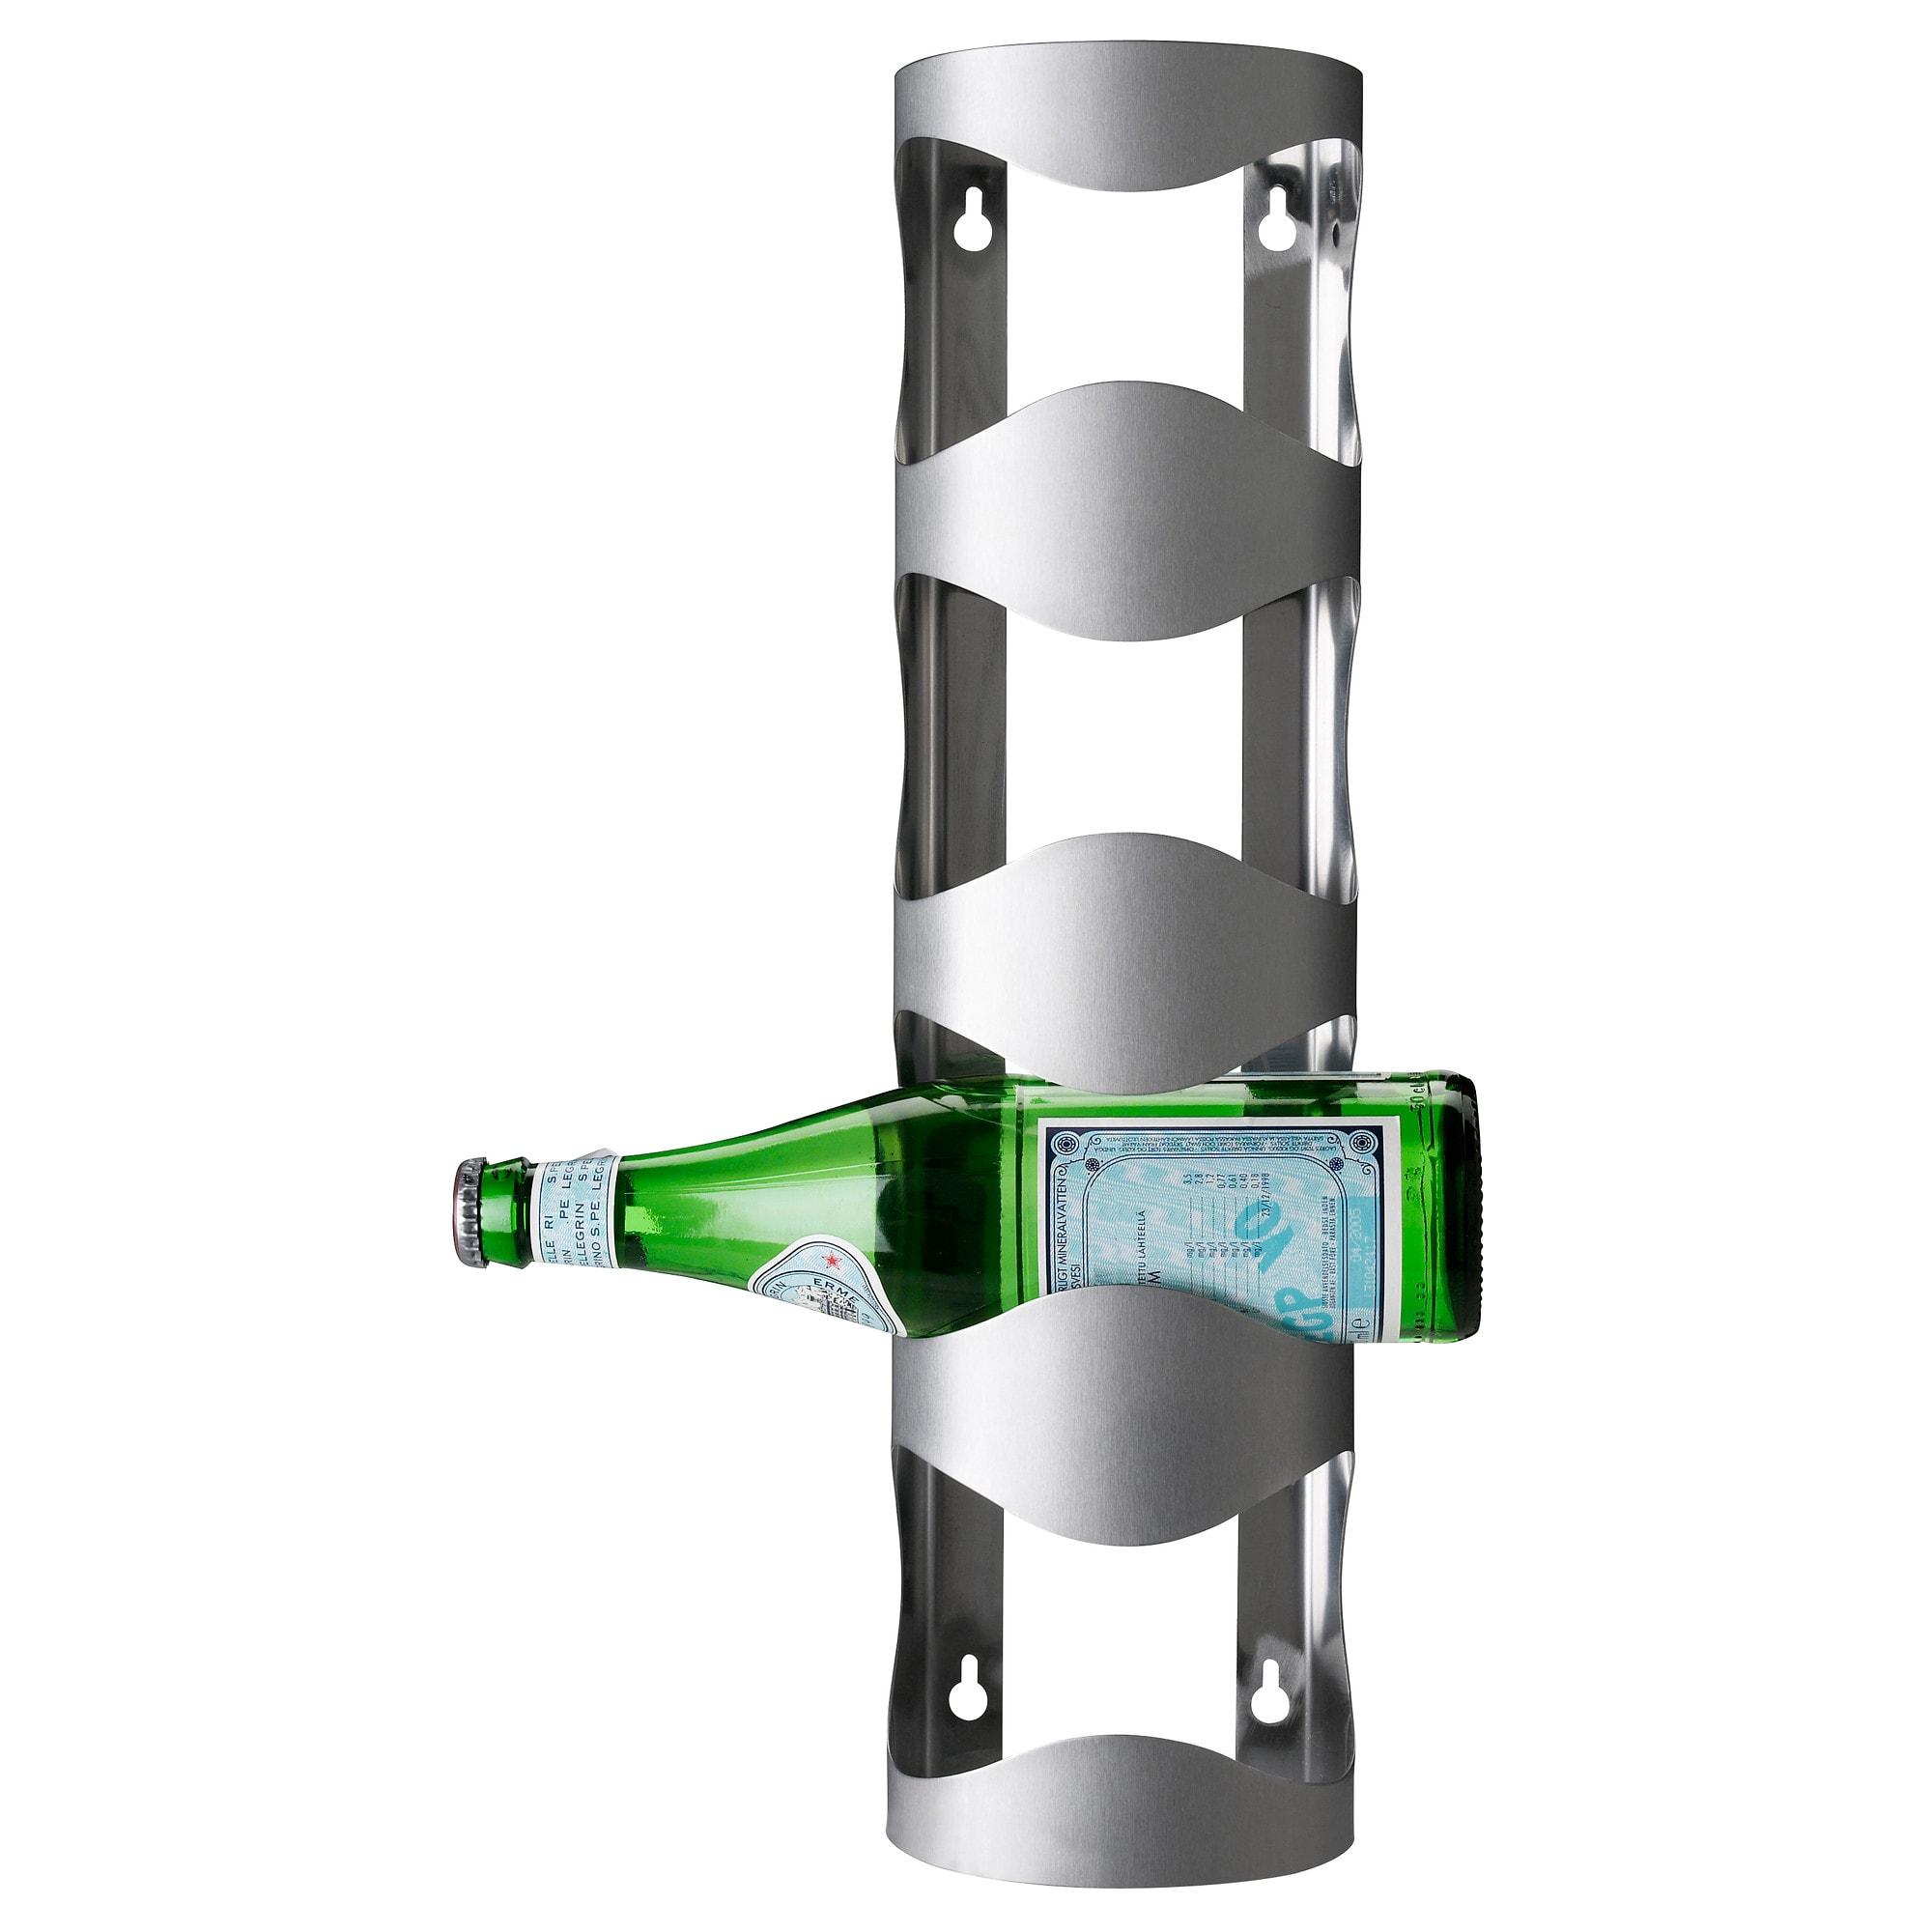 vurm 4 bottle wine rack stainless steel rv life ikea wine rack rh pinterest com